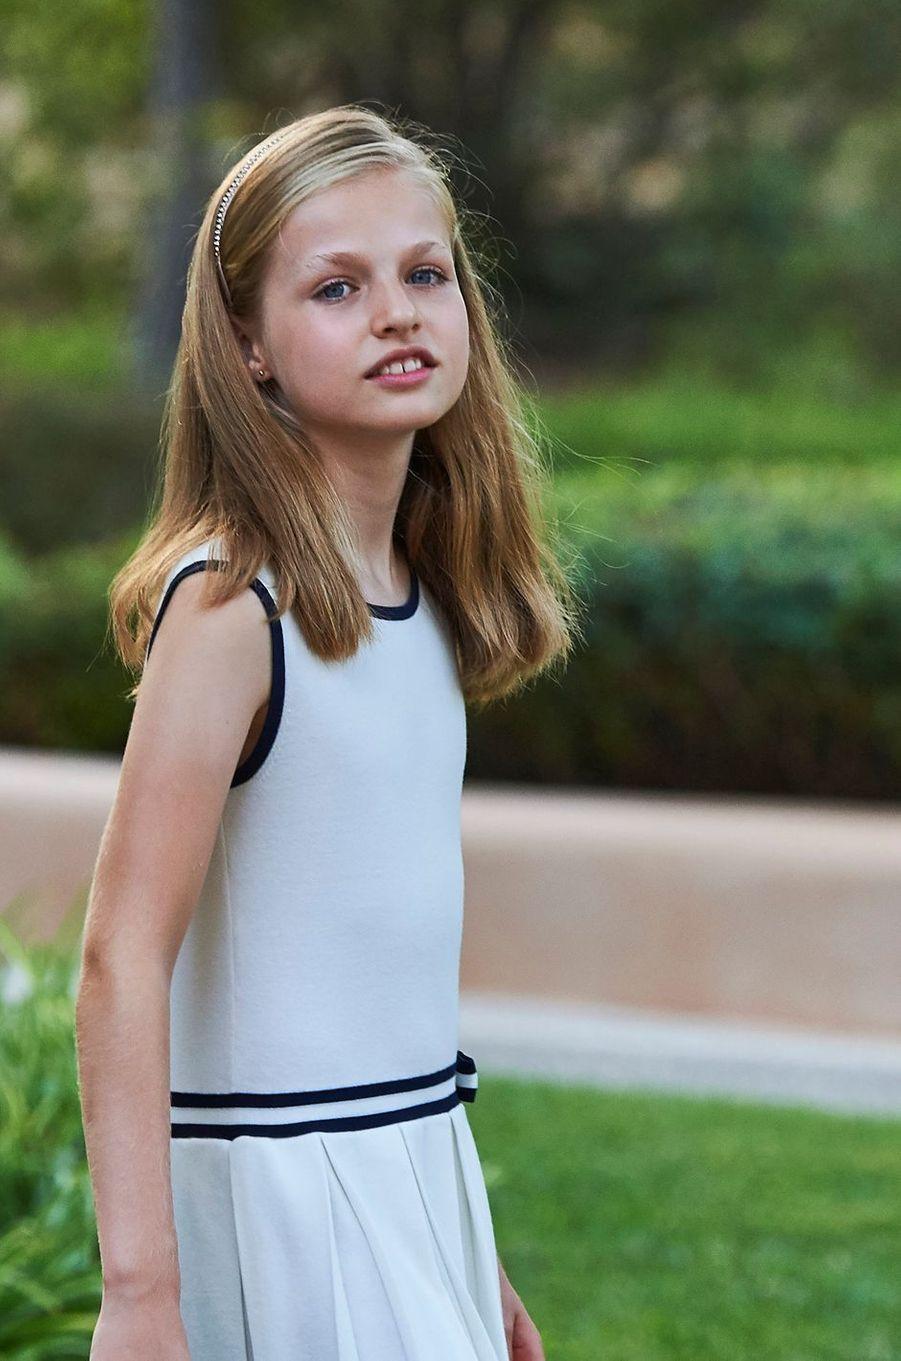 La princesse Leonor d'Espagne au palais de Marivent à Palma de Majorque, le 4 août 2016